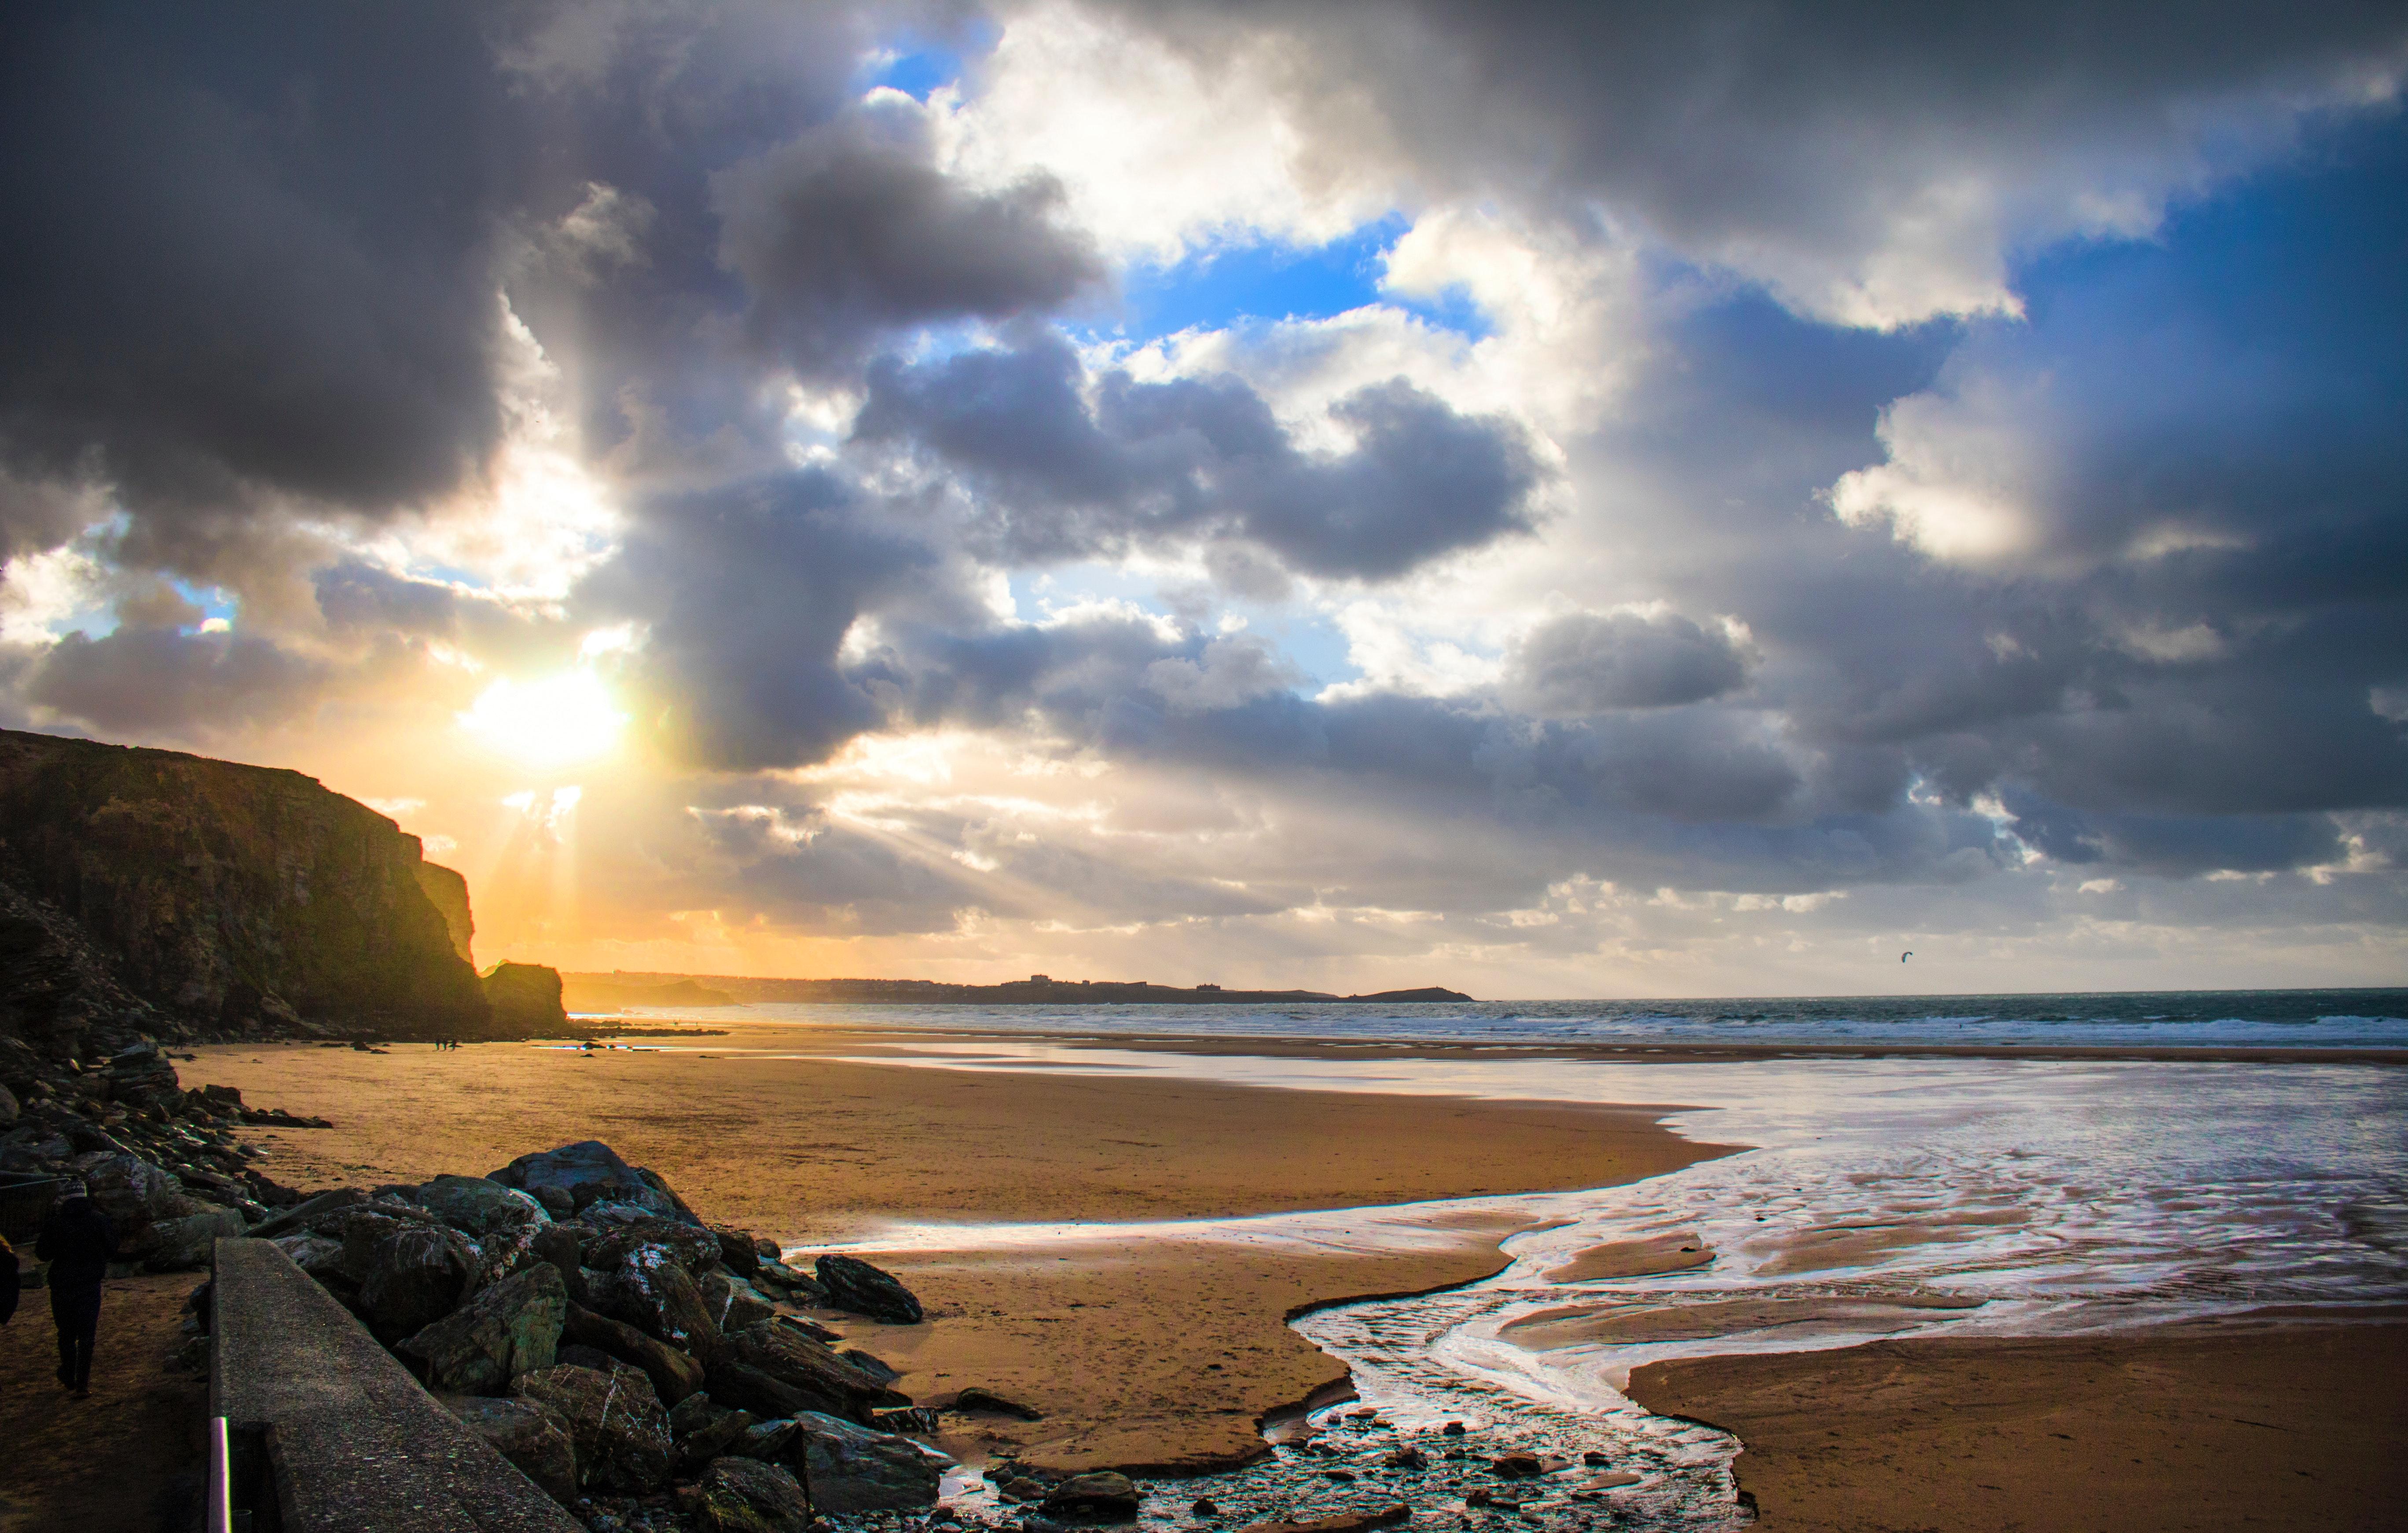 Beach shore during sunset photo